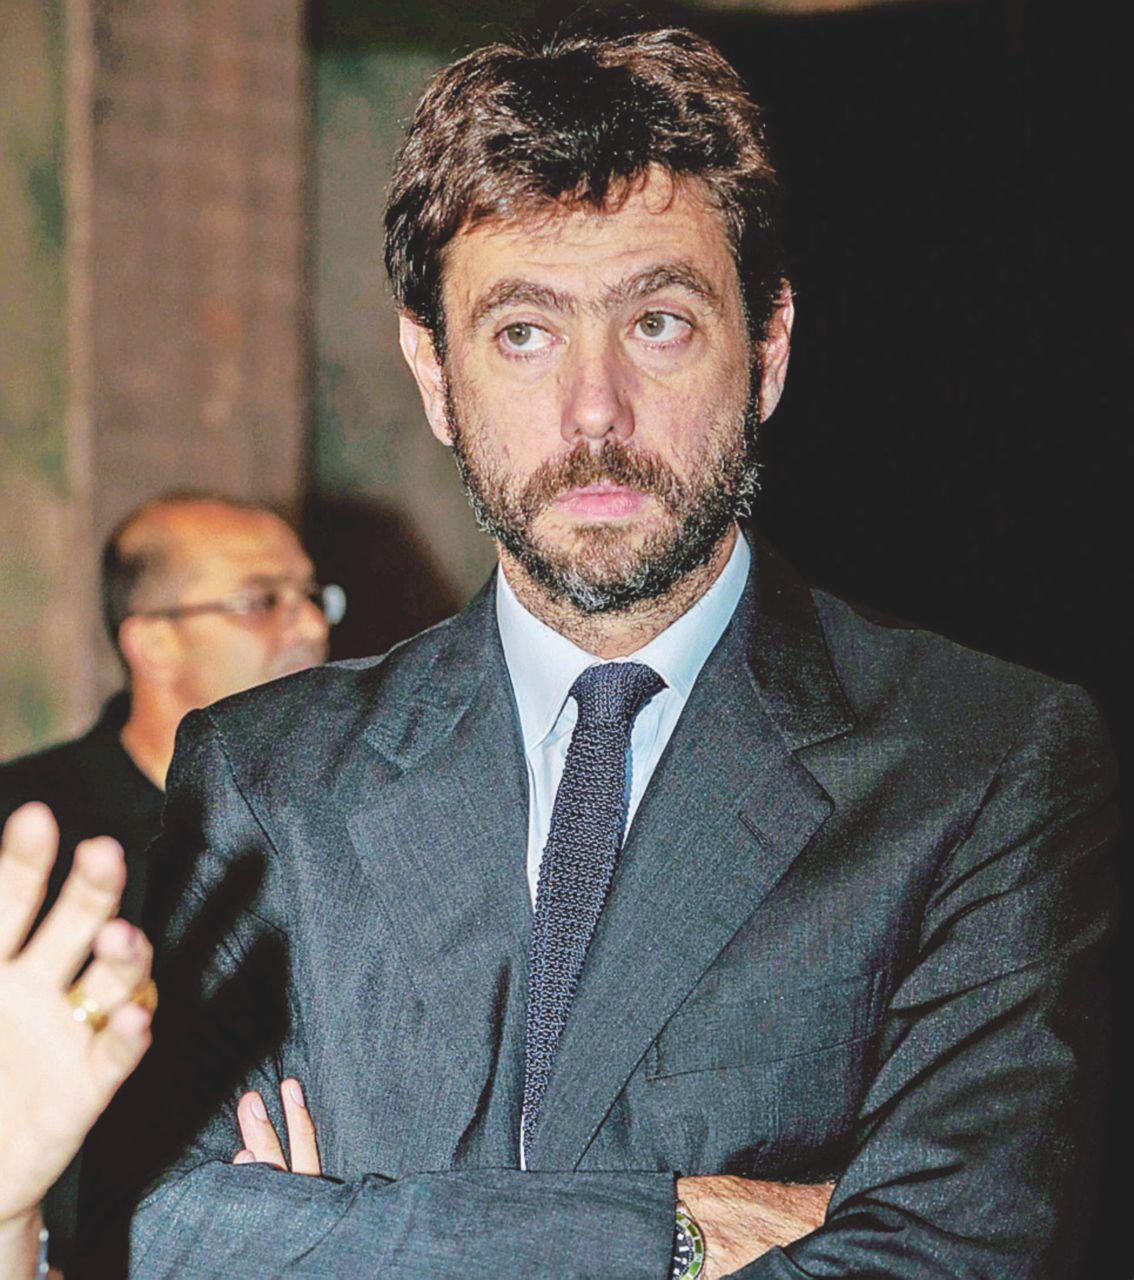 Juve e mafia, Agnelli rischia ma Elkann (per ora) lo salva